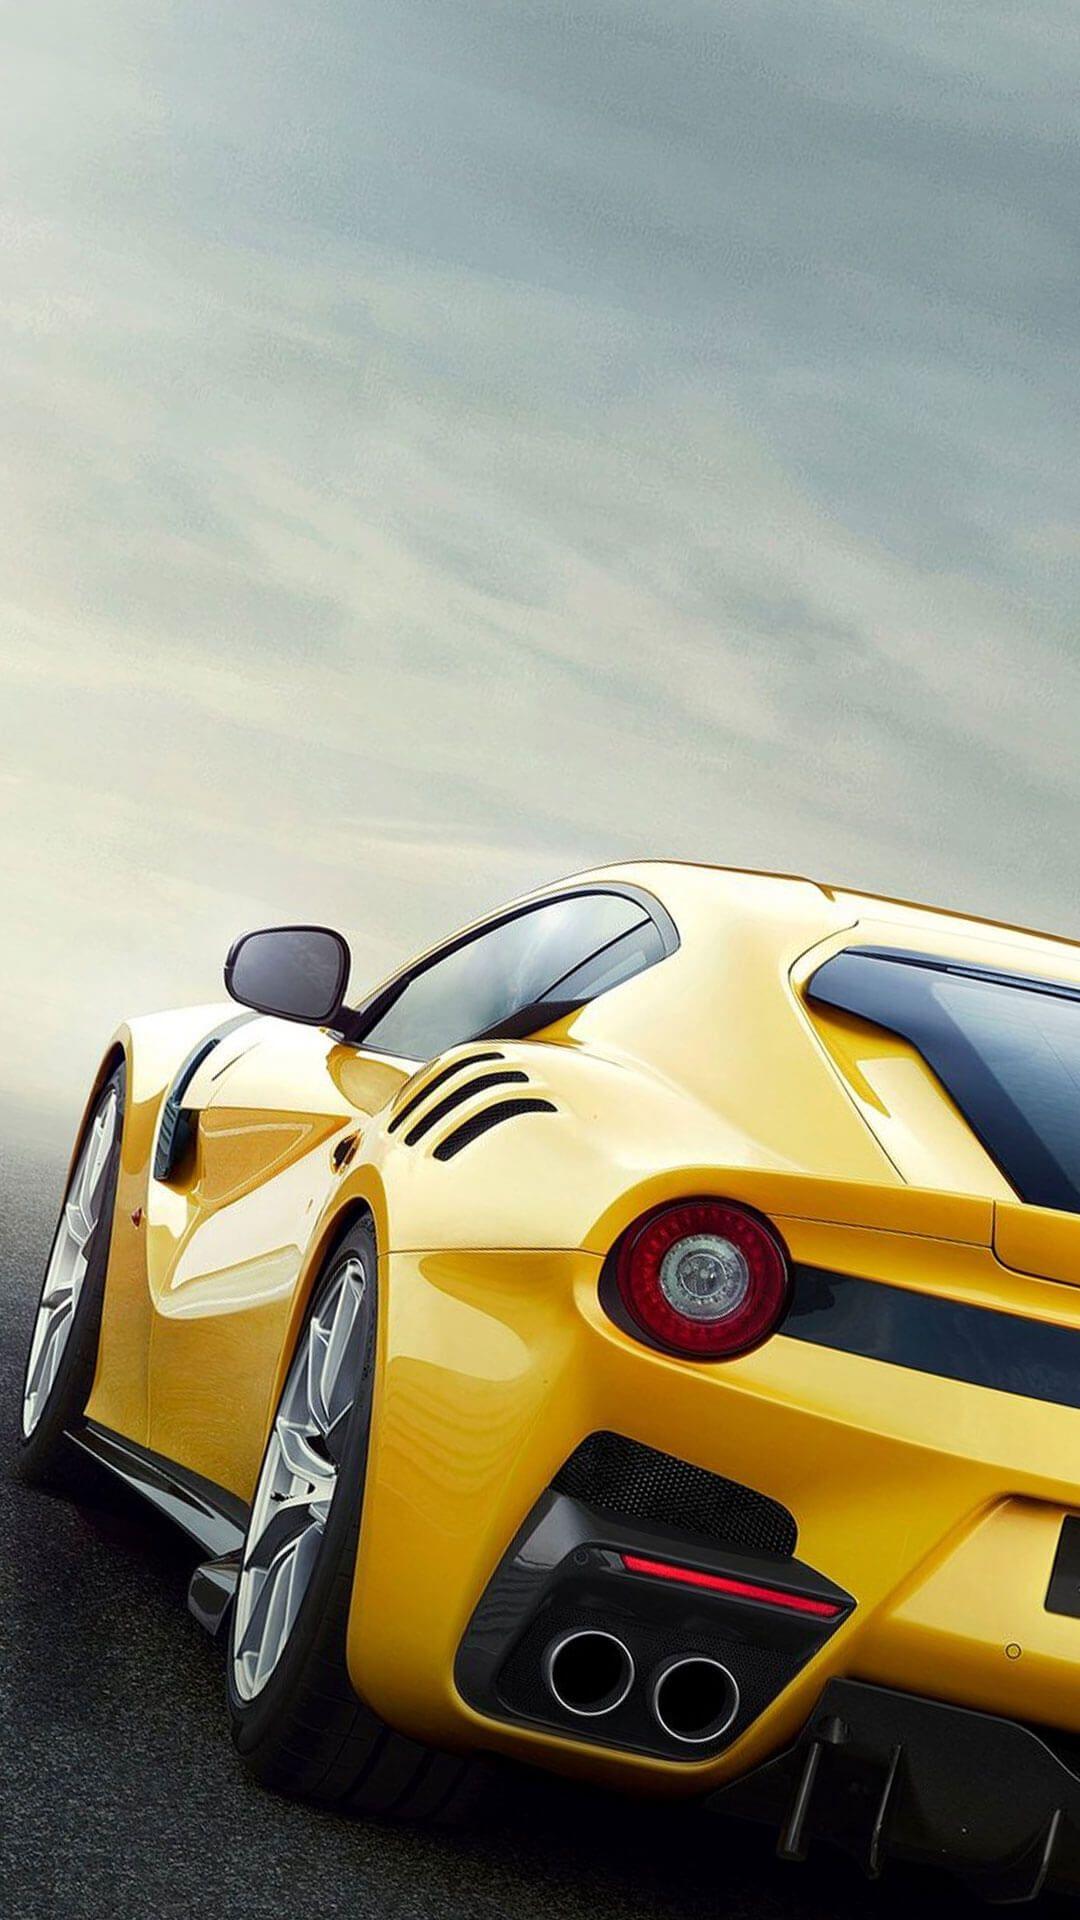 Full Screen Wallpaper Full Hd Ferrari Car